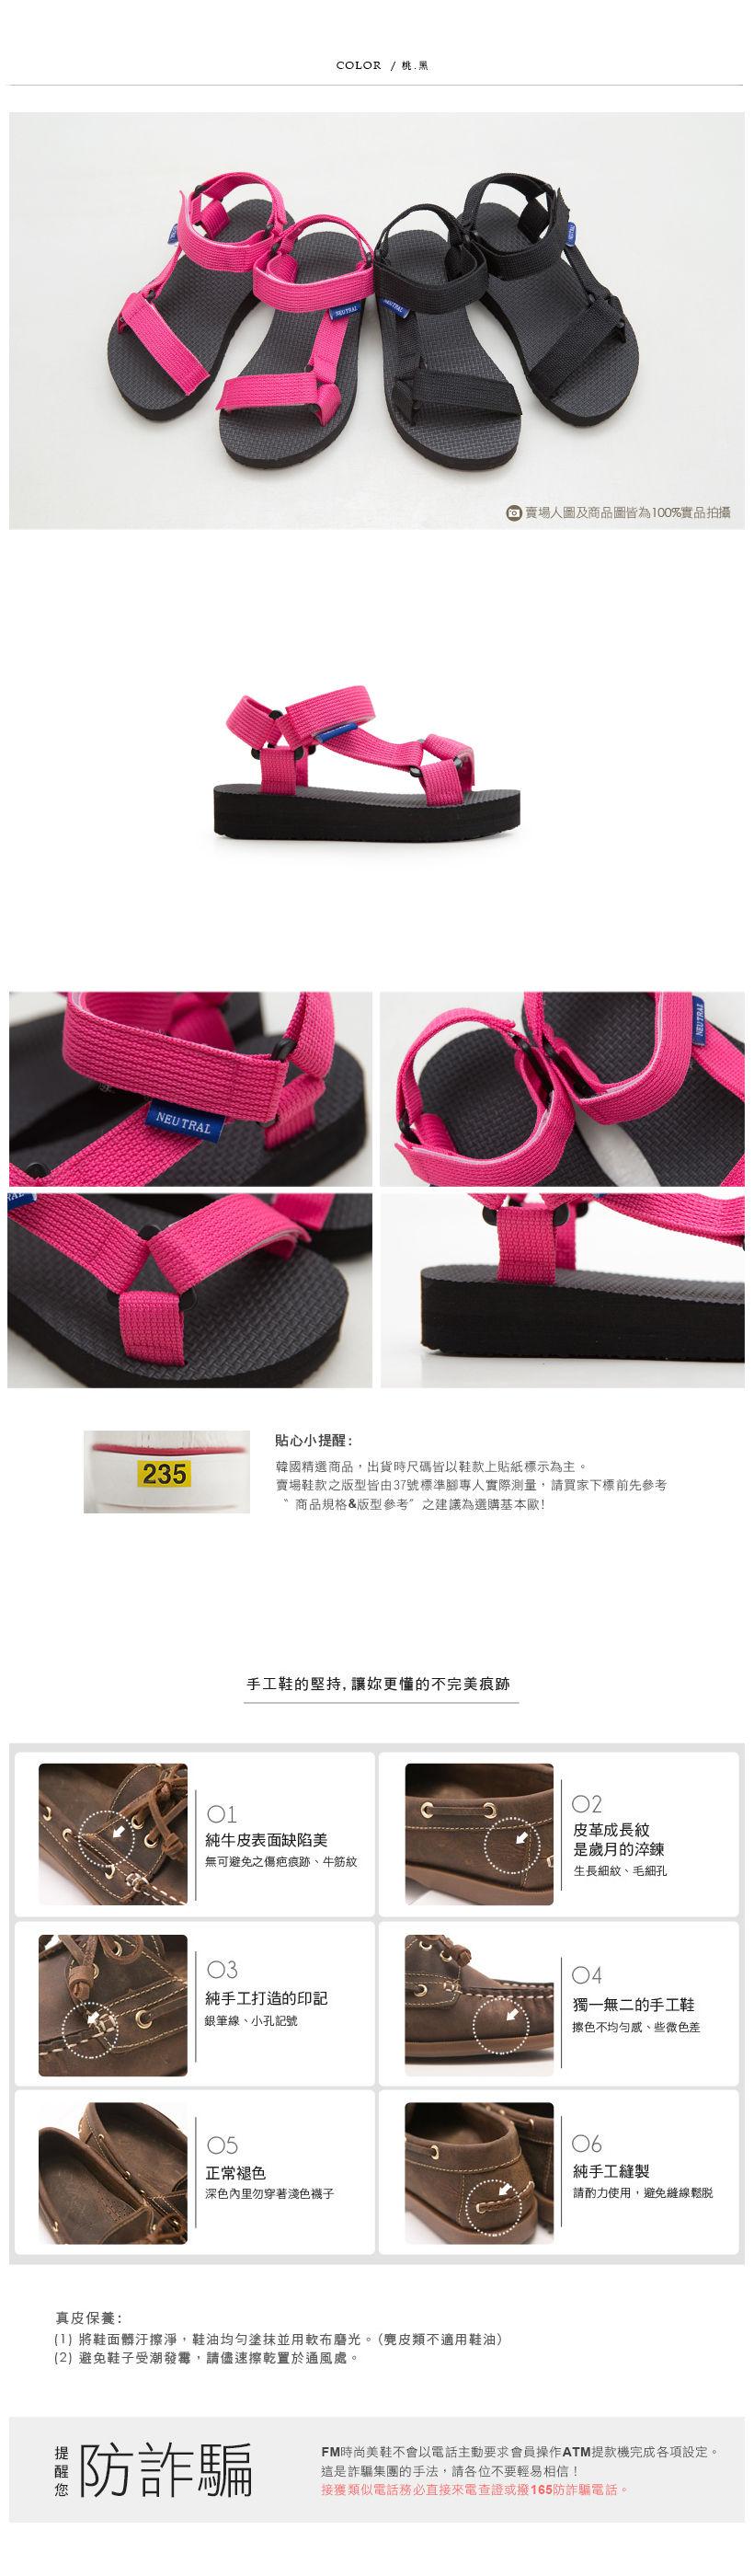 Neu Tral-三角釦織帶厚底涼鞋-KID